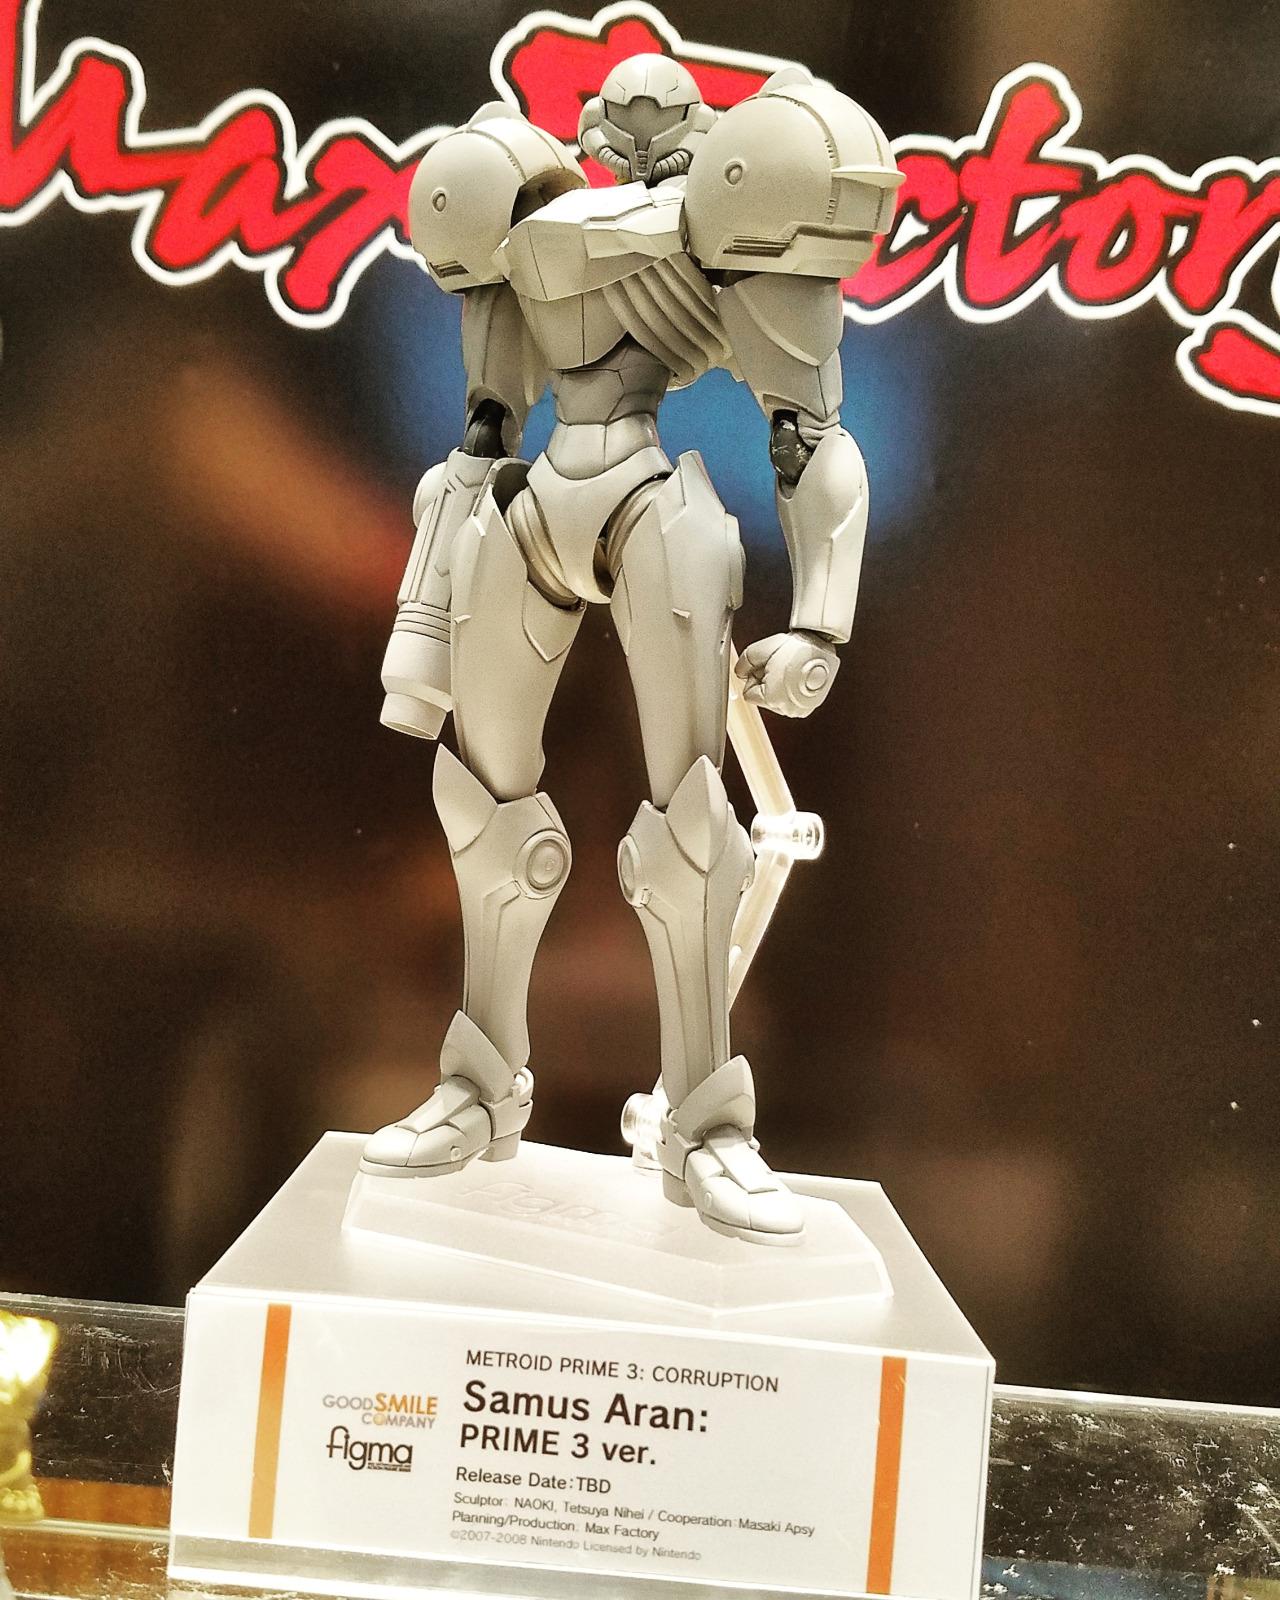 samus-metroid-prime-3-corruption-figure